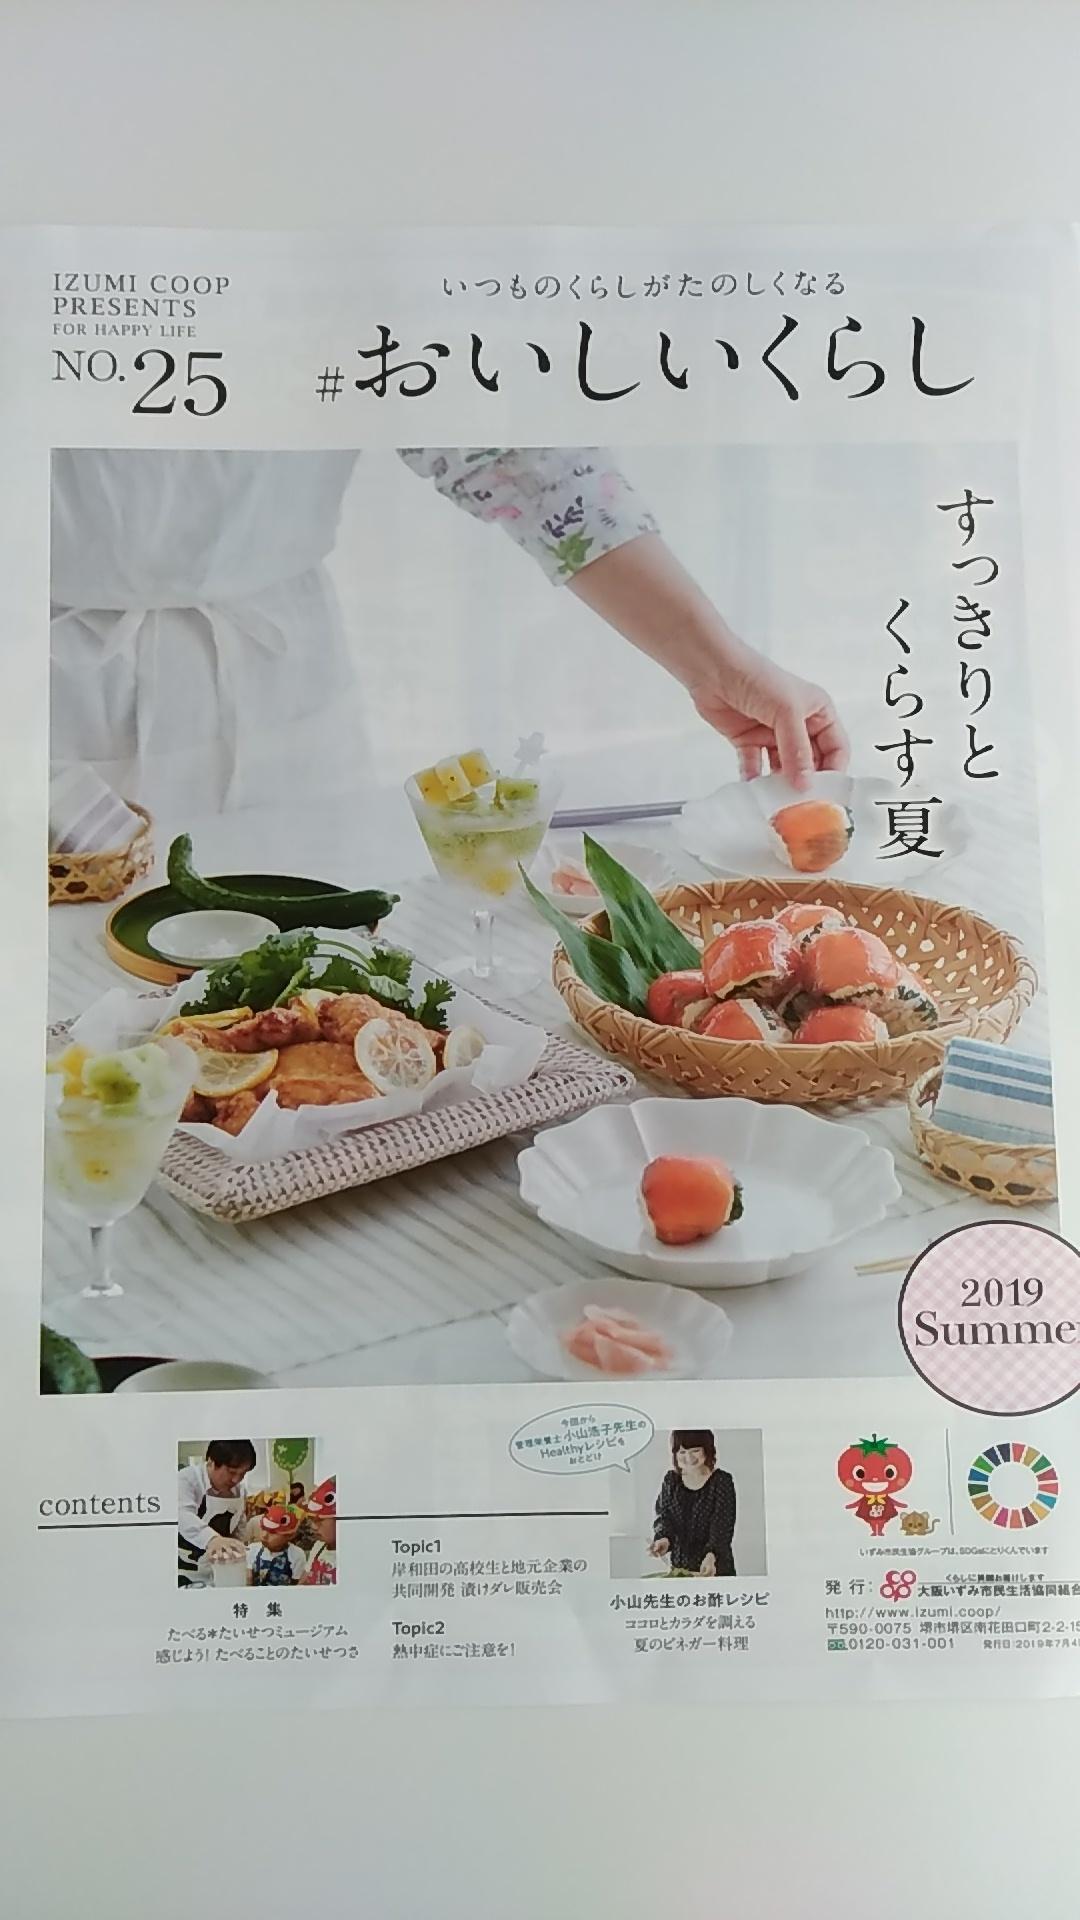 ♯おいしいくらし@大阪いずみ市民生活協同組合さまの冊子で レシピ監修させて頂きました!_b0204930_07380046.jpg